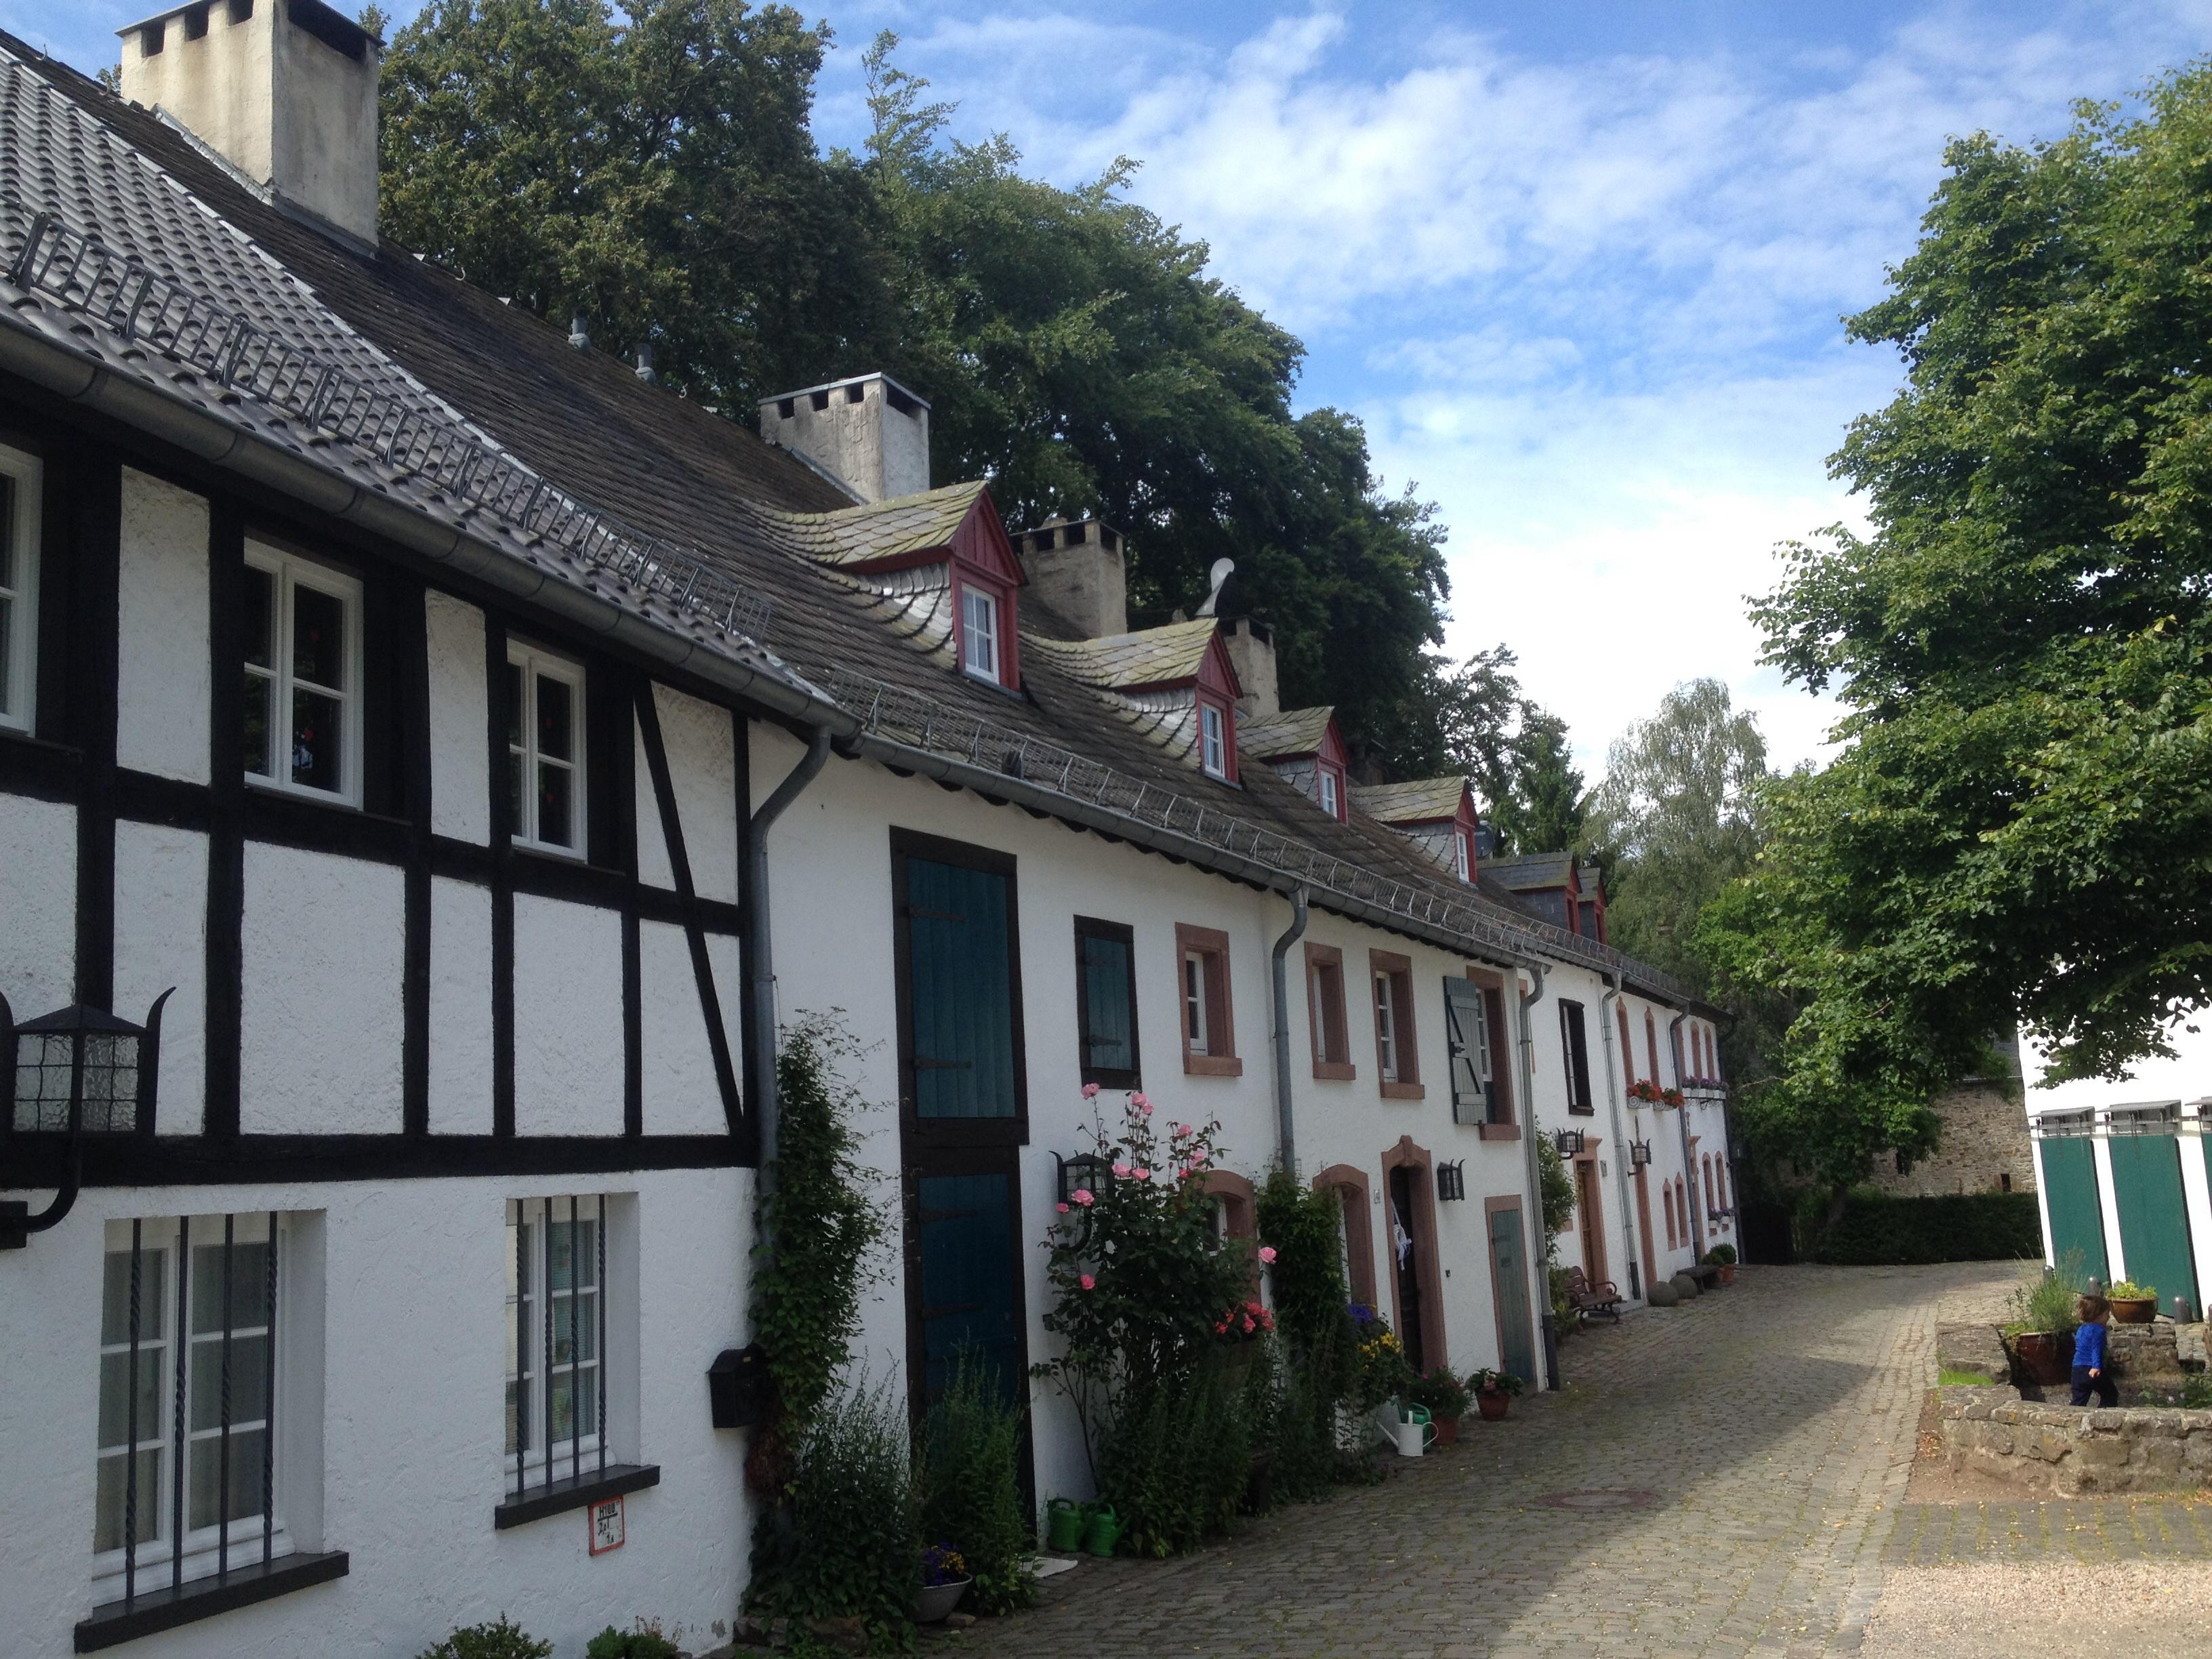 Eine Reihe von alten Fachwerkhäusern in Kronenburg mit kleinen Dachgauben und Rosenbüschen davor